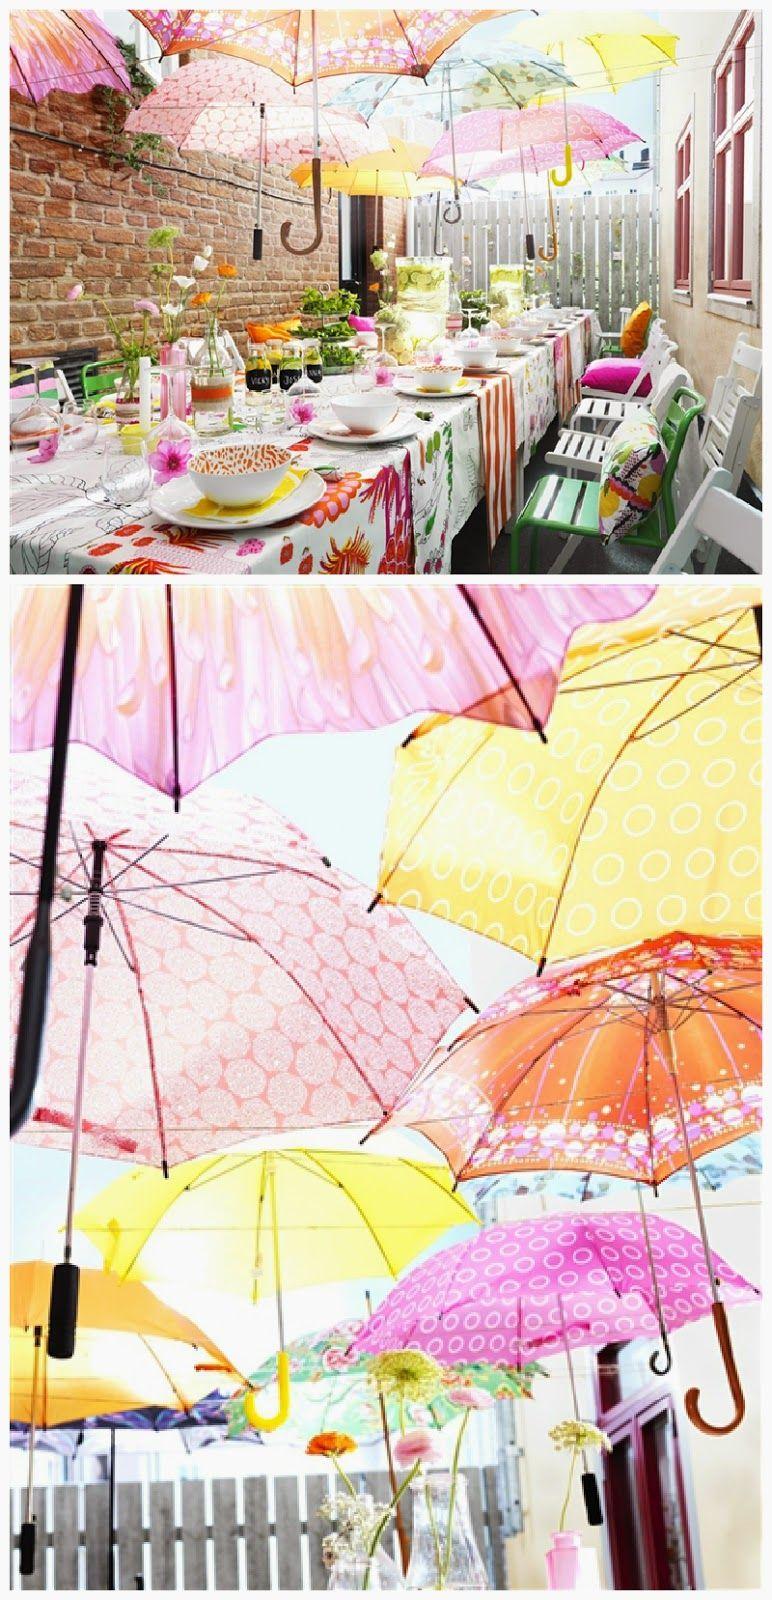 Hoe geweldig een Umbrella party! Onthouden!